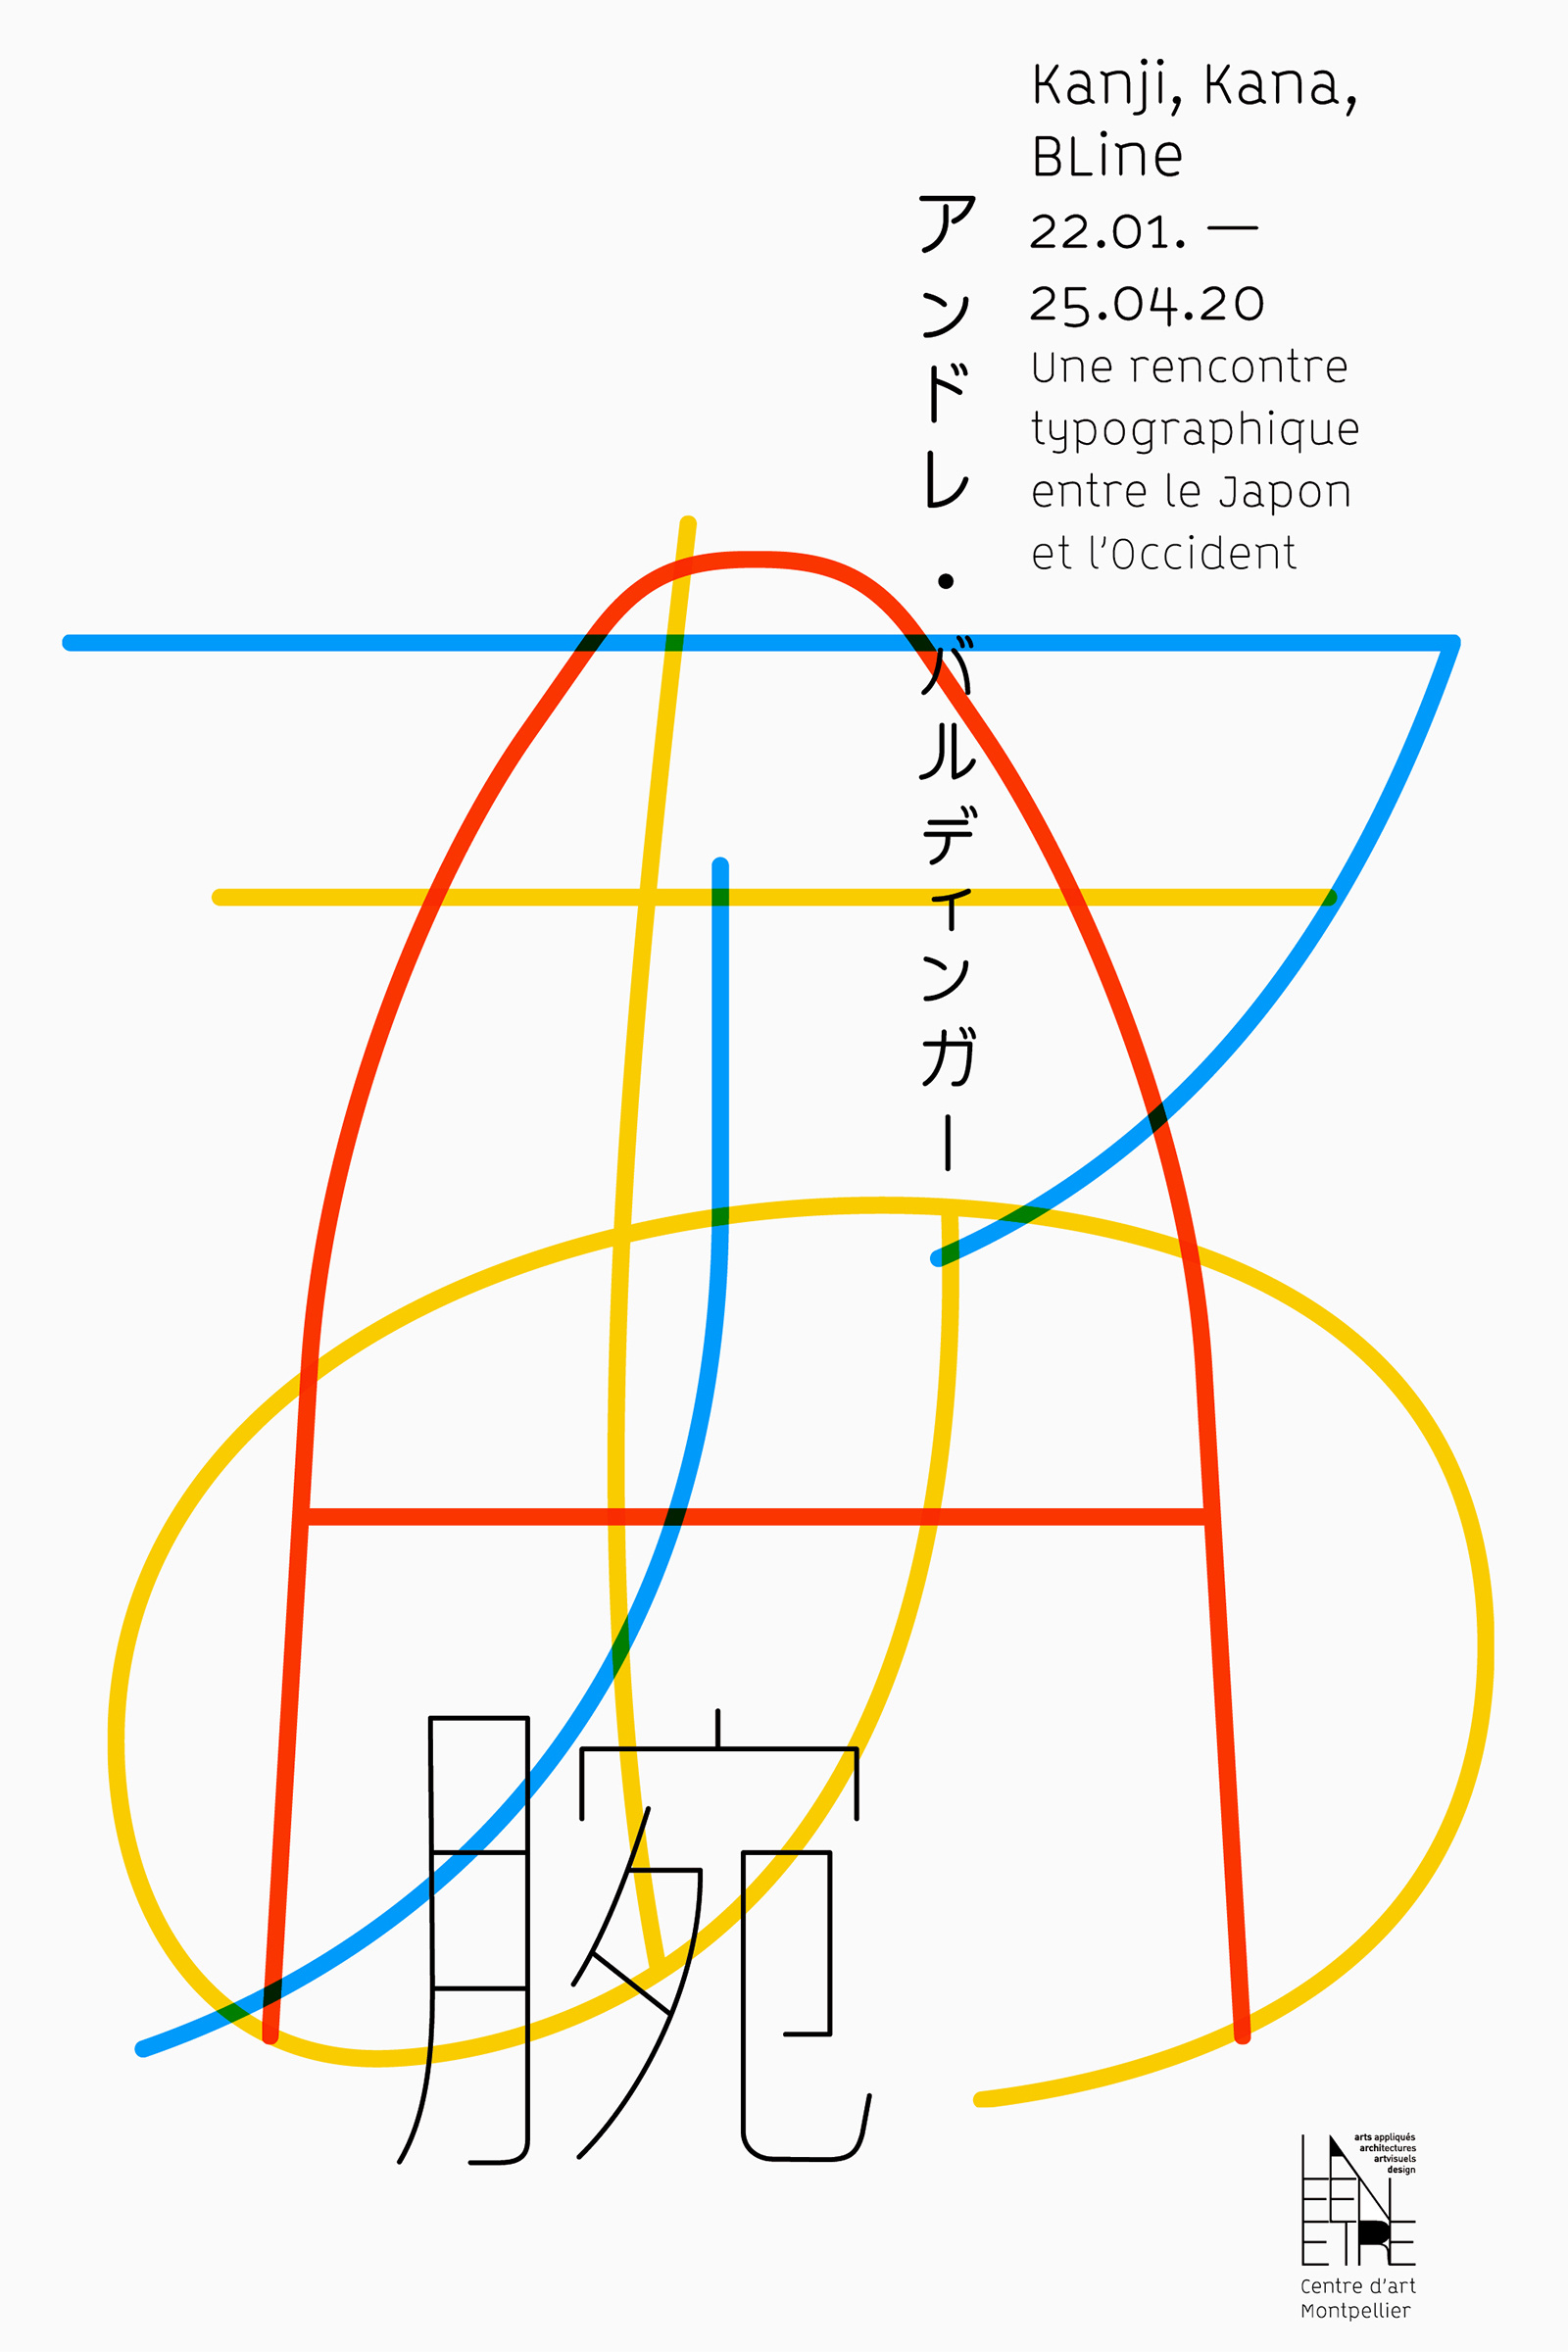 kanji-kana-bline-@-centre-dart-montpellier-01-1600x2400-q95